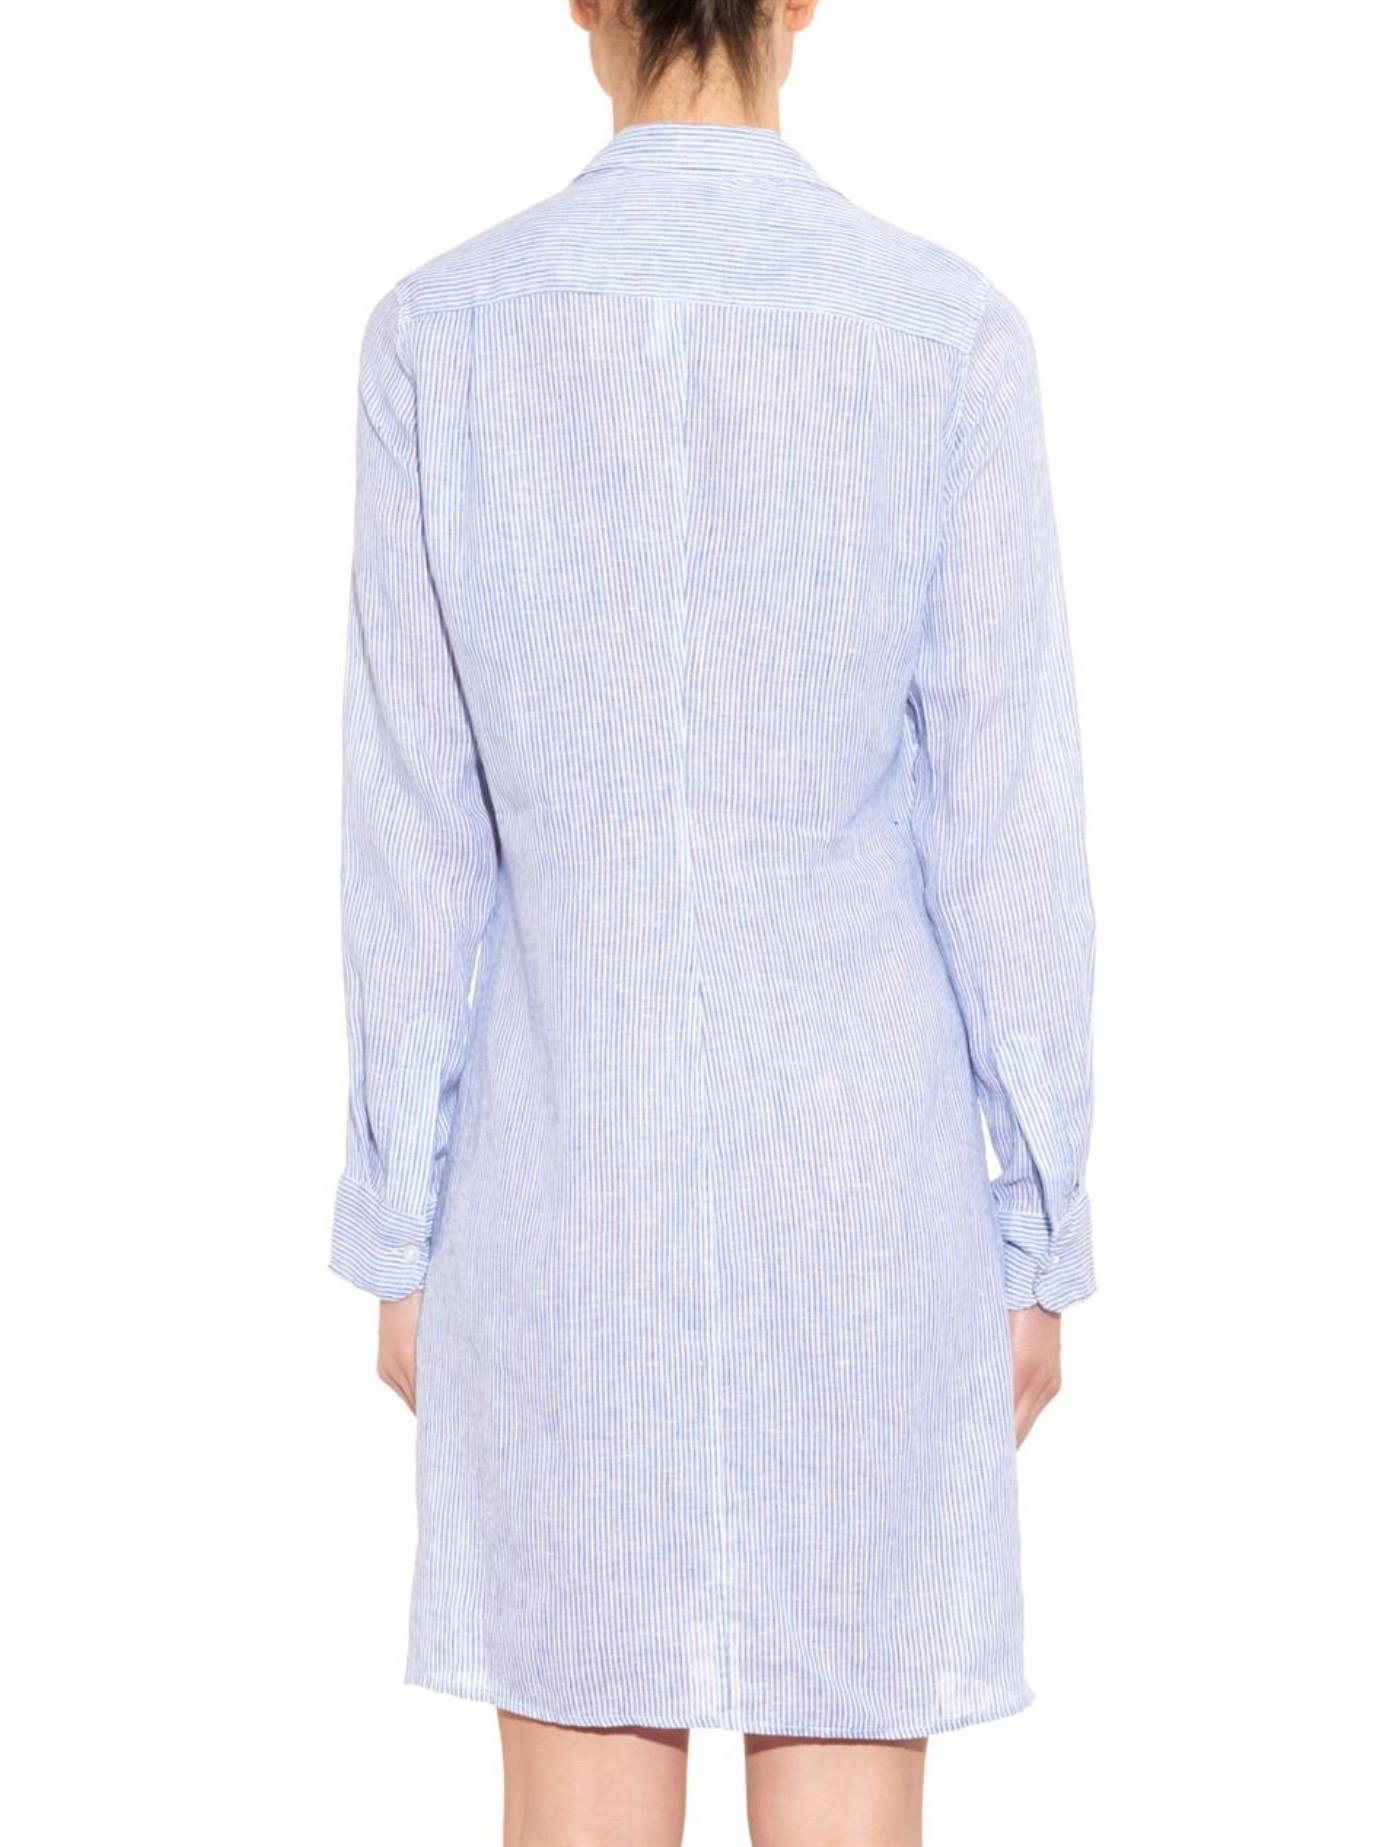 7361a8a4b5 Lyst - Frank   Eileen Murphy Striped Linen Shirtdress in Blue